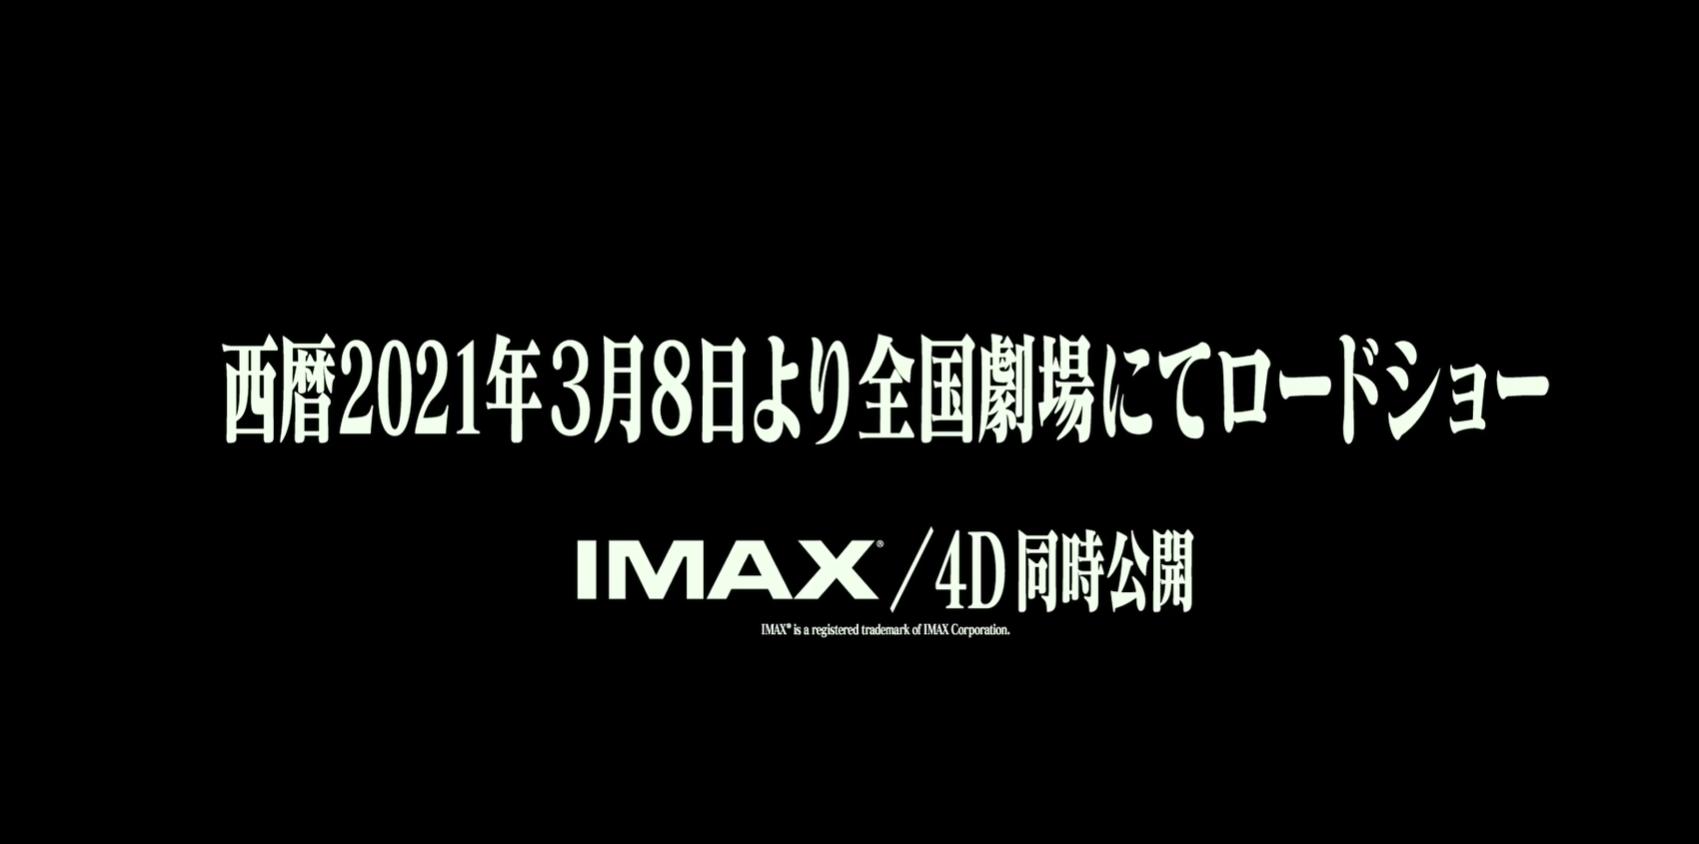 シンエヴァ2021年3月8日全国劇場にて公開へ!!